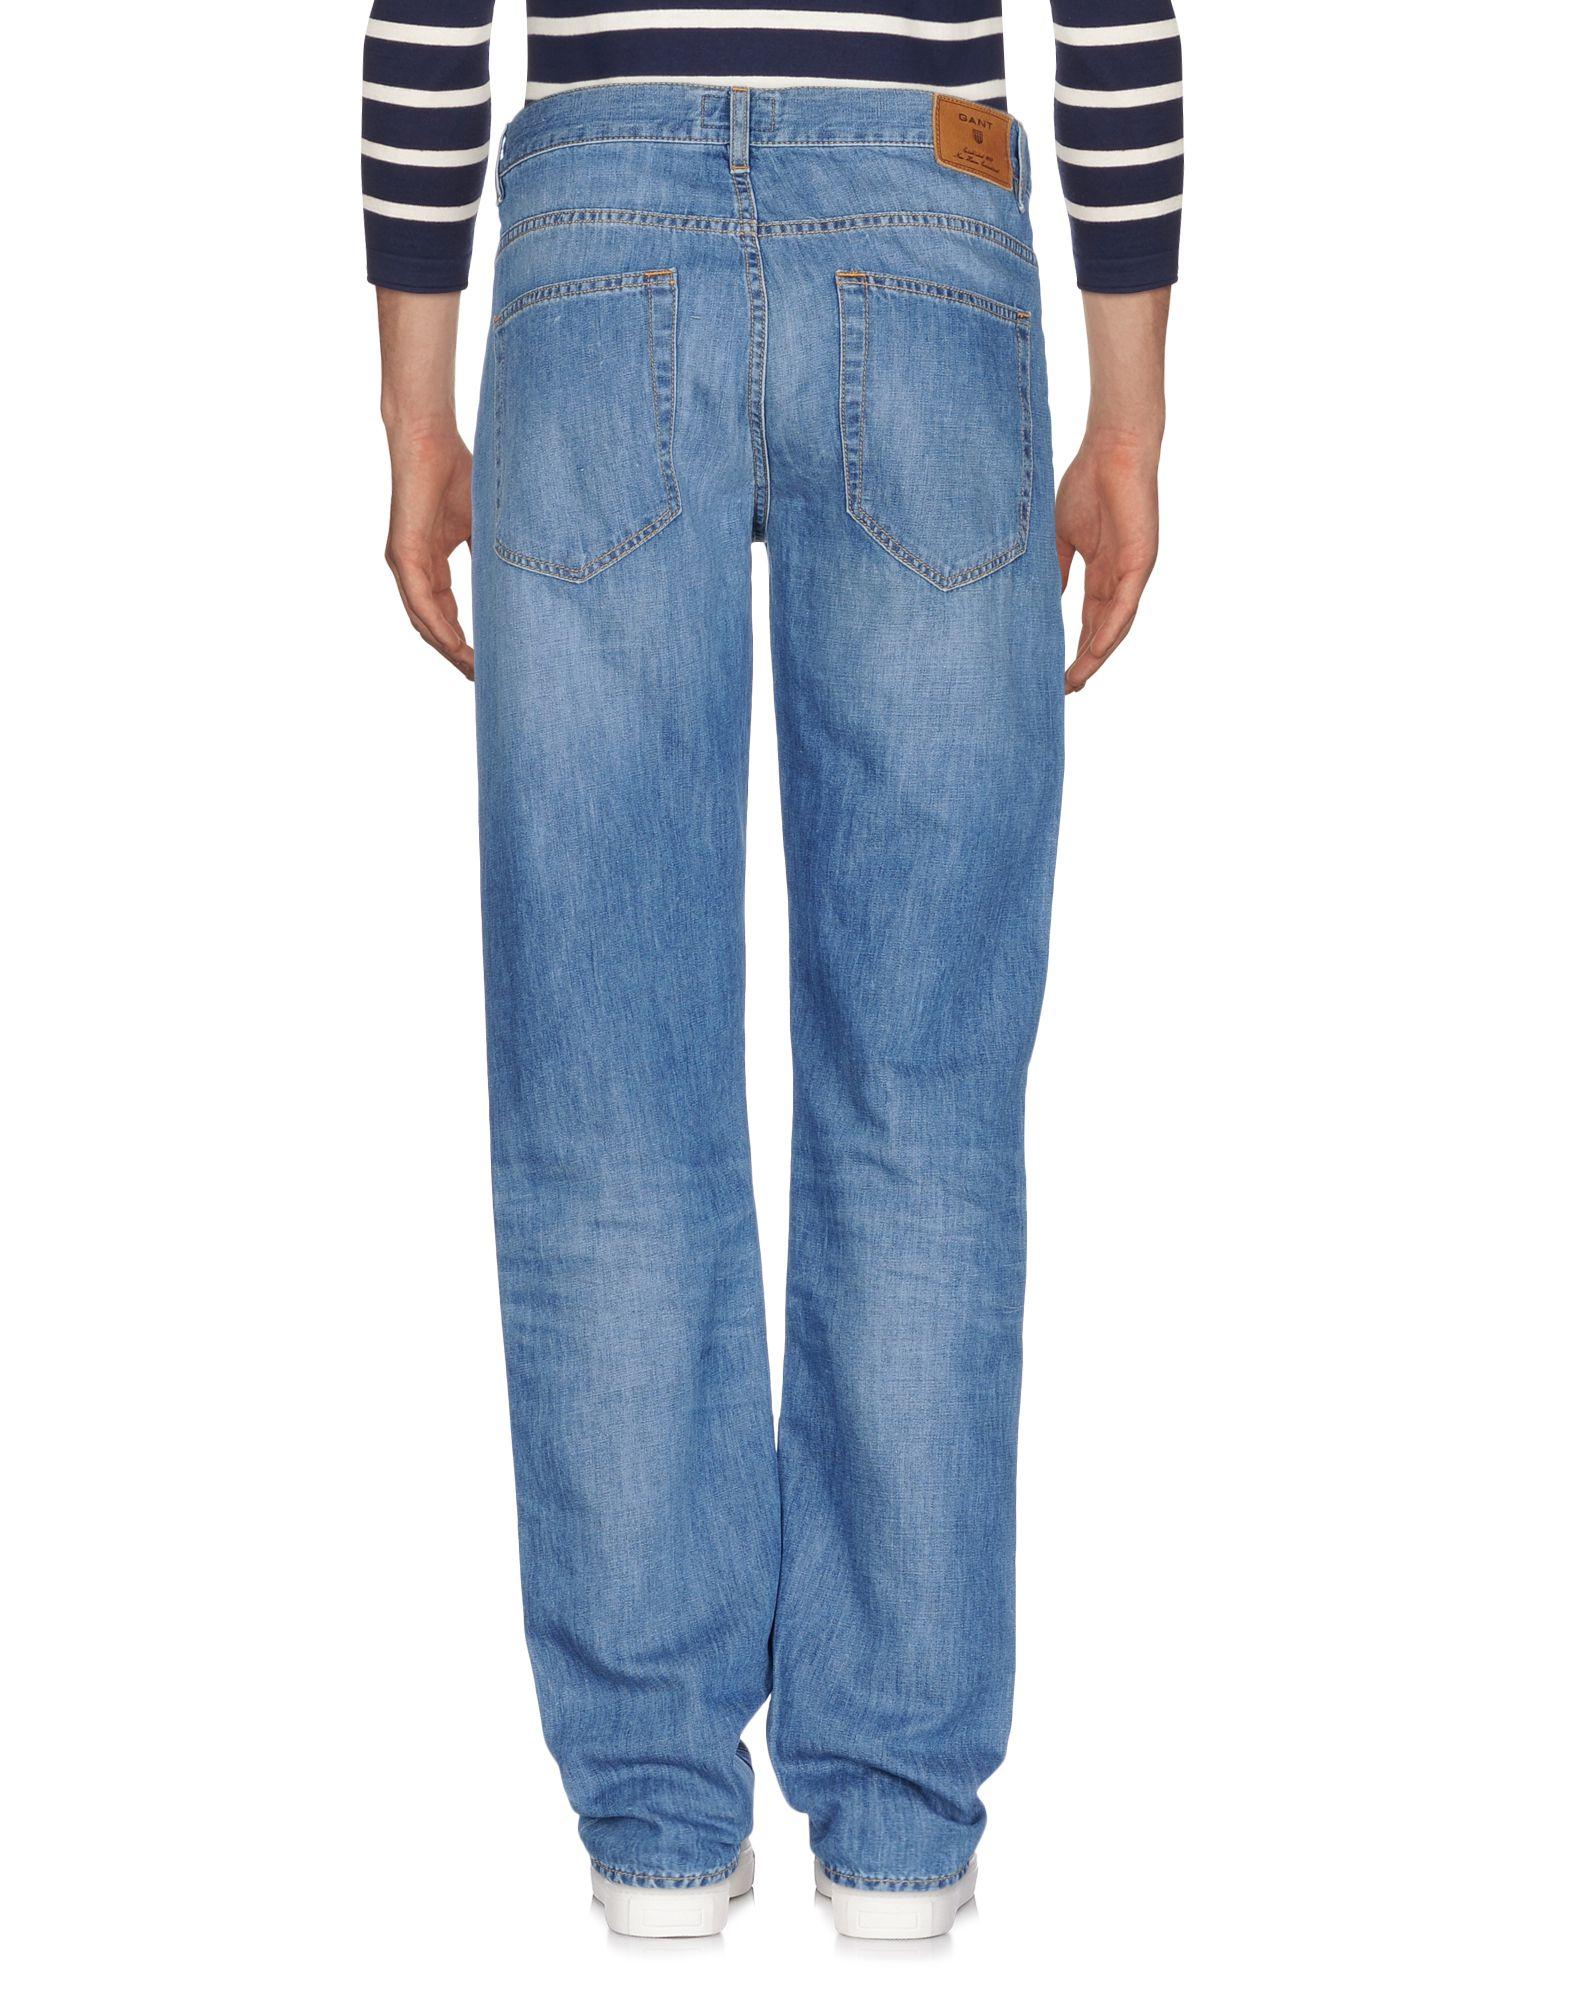 Pantaloni Pantaloni Pantaloni Jeans Gant Uomo - 42656715EB ef0692